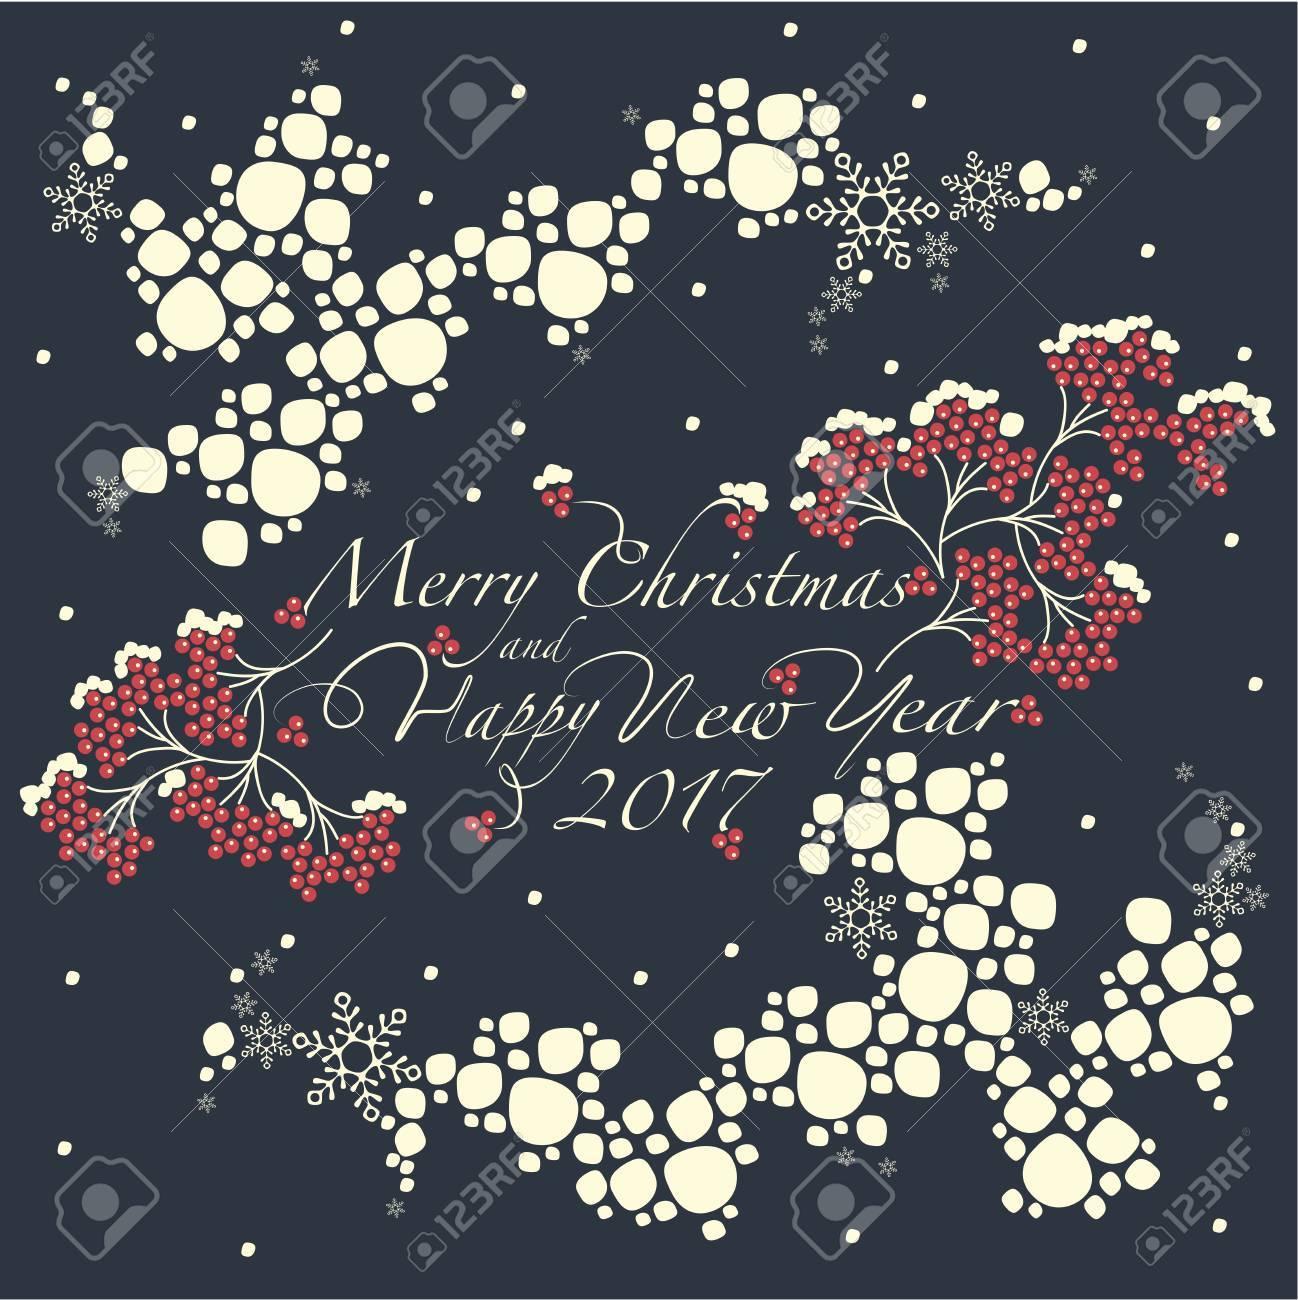 Grupos De Rowan Vermelho O Padrão Do Globo De Neve E A Frase Feliz Natal E Feliz Ano Novo No Fundo Escuro